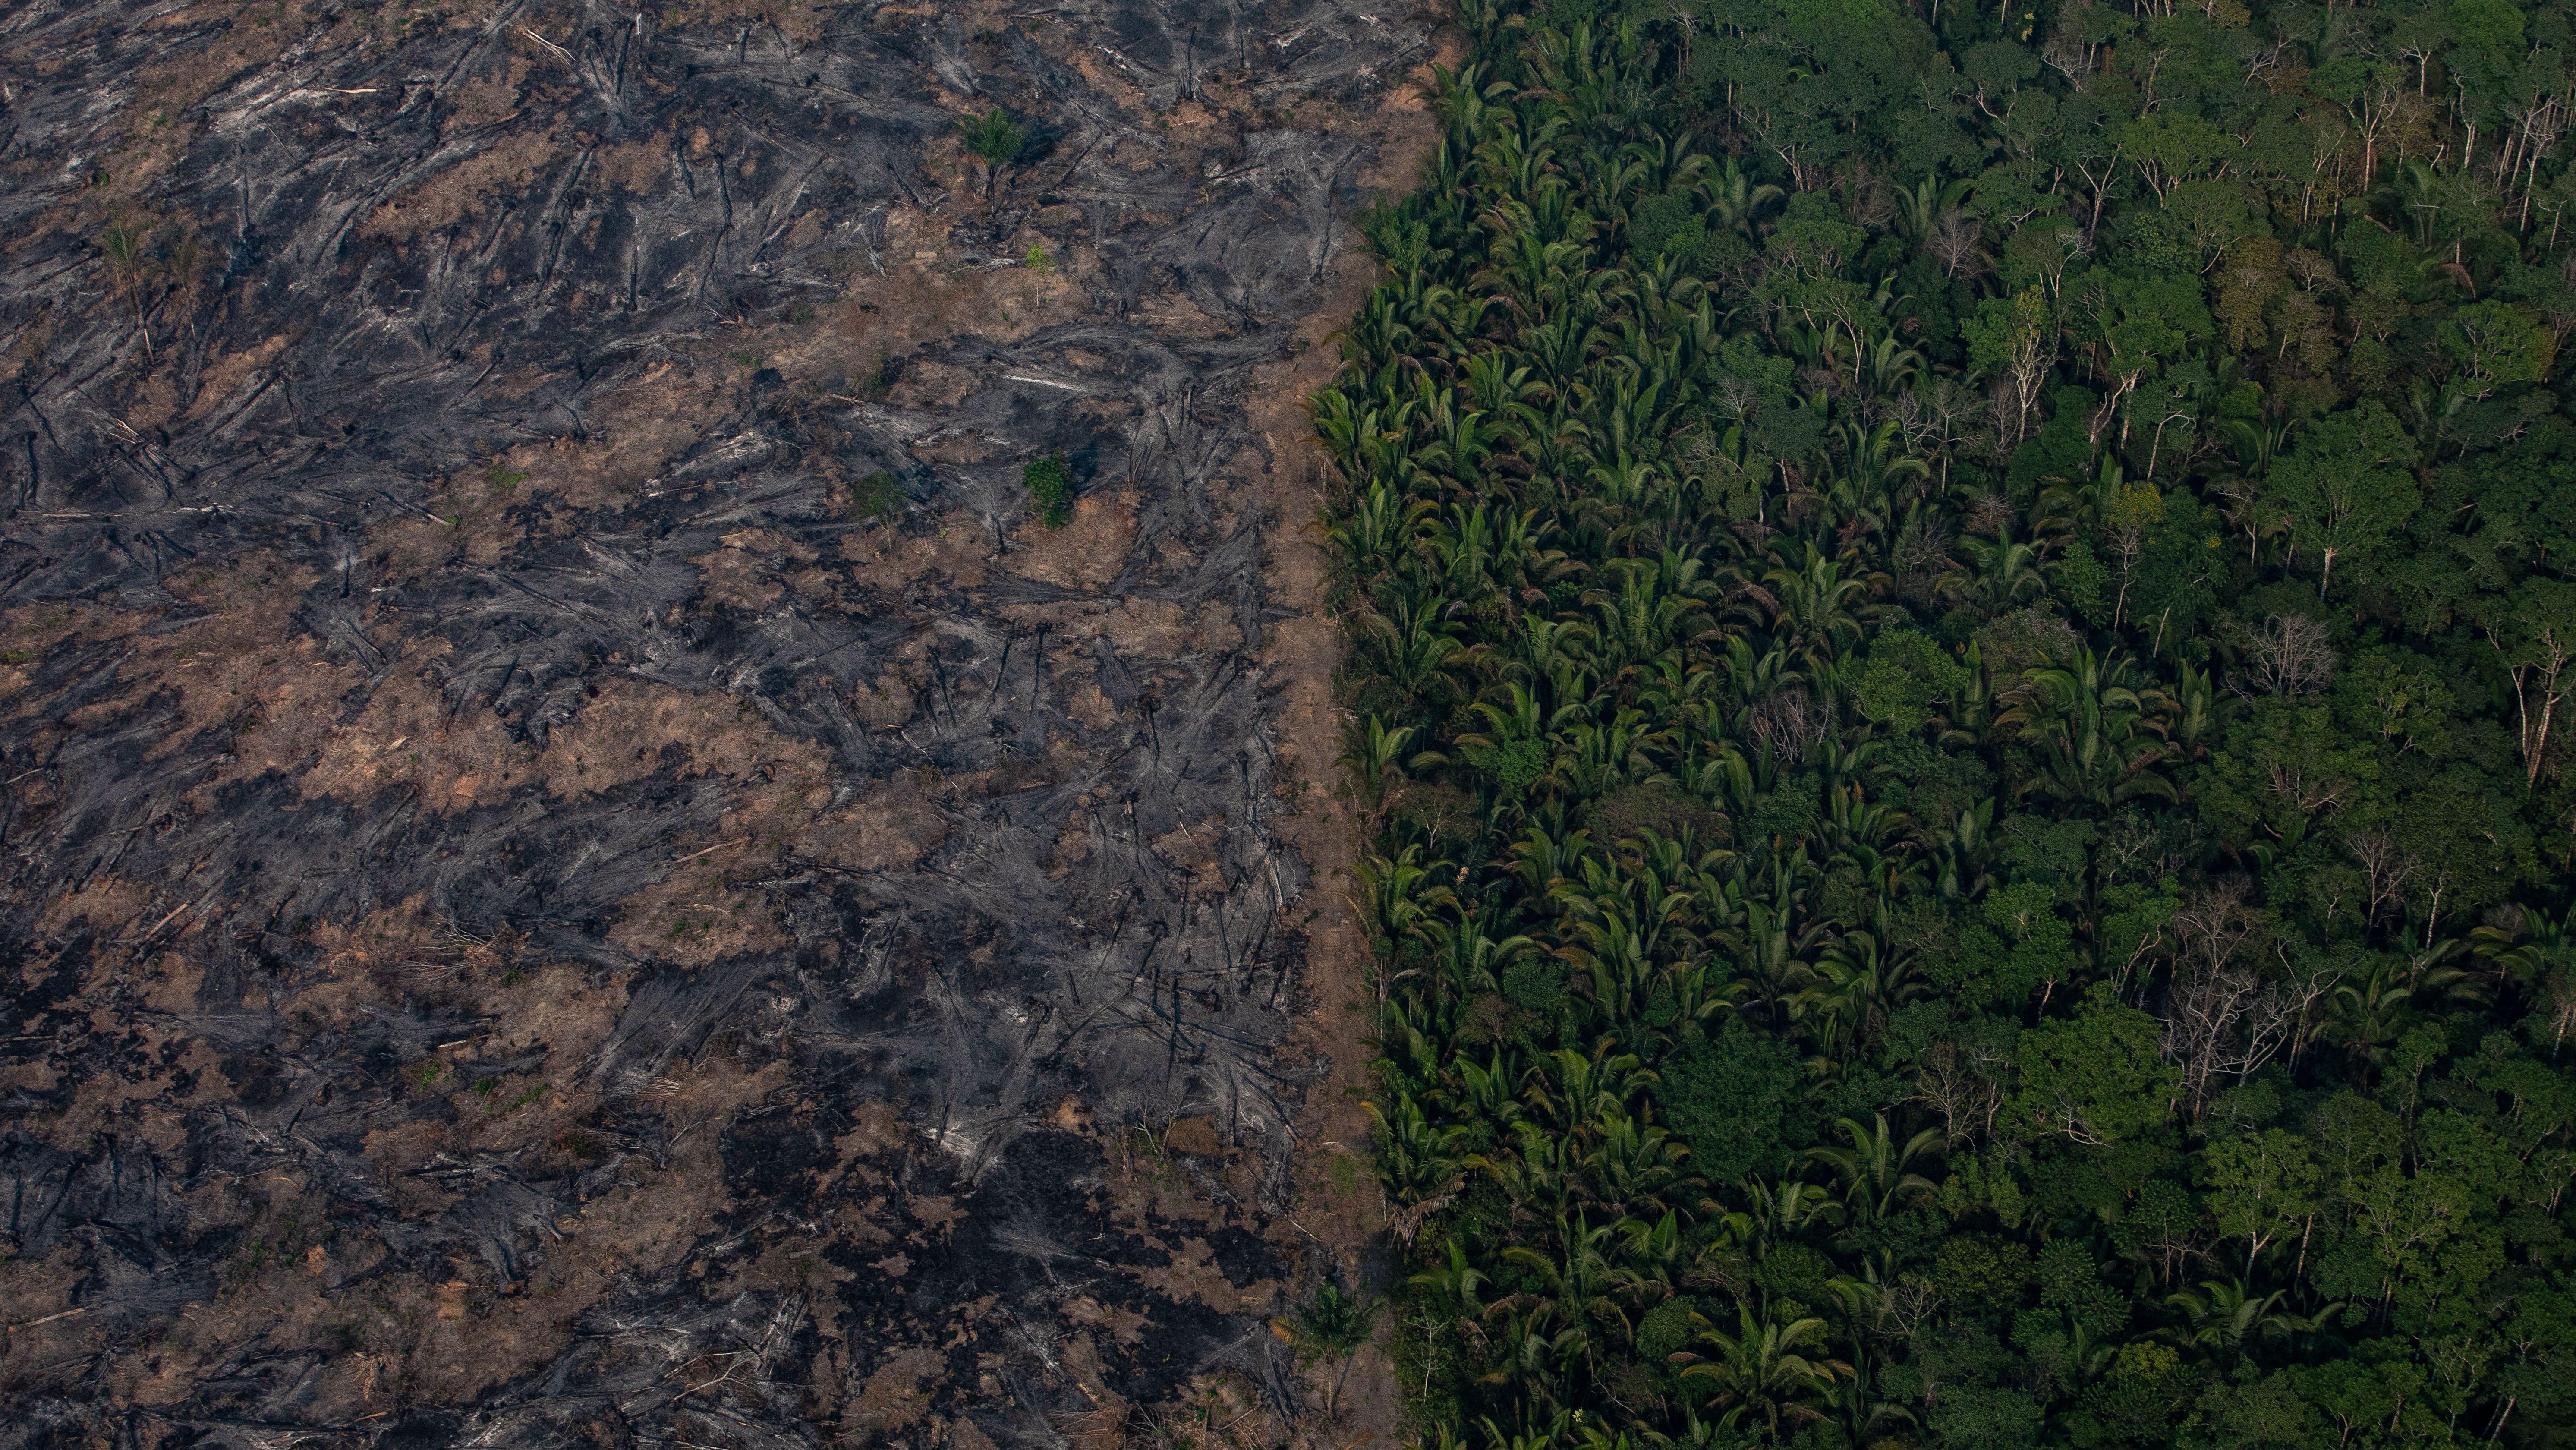 Aerial Photos Show The Destruction Of Amazon Rainforest Fires Quartz